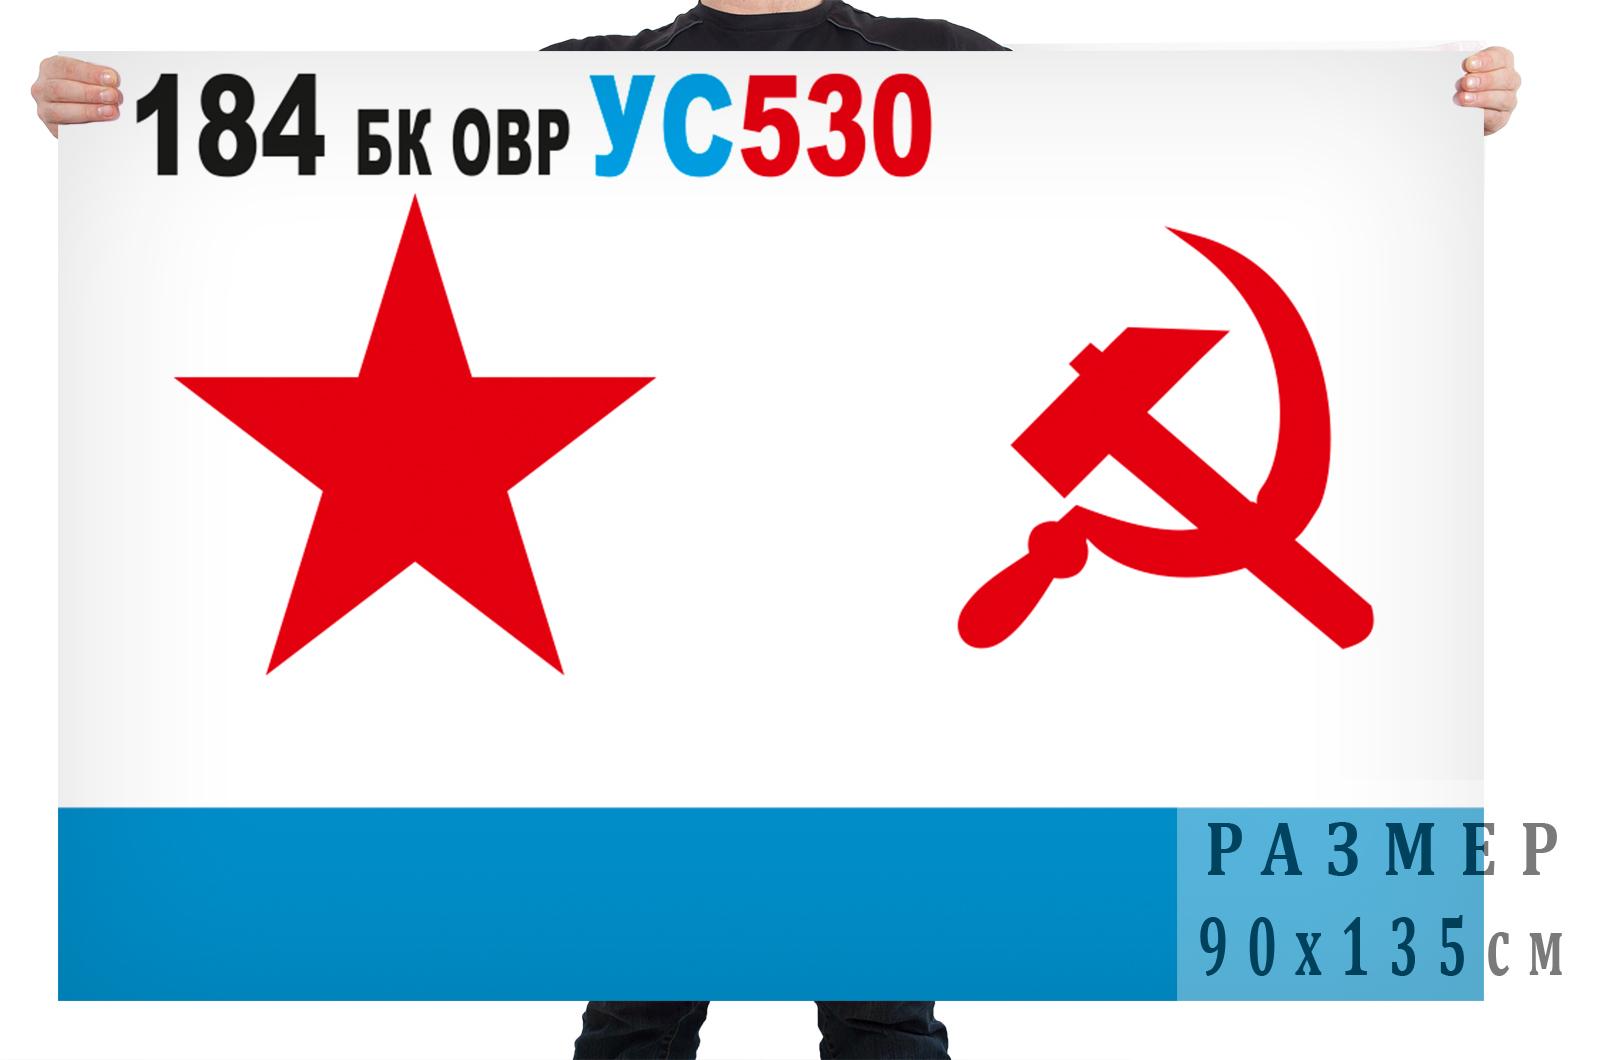 Заказать флаг ВМФ СССР 184 БК ОВР УС530 в интернете